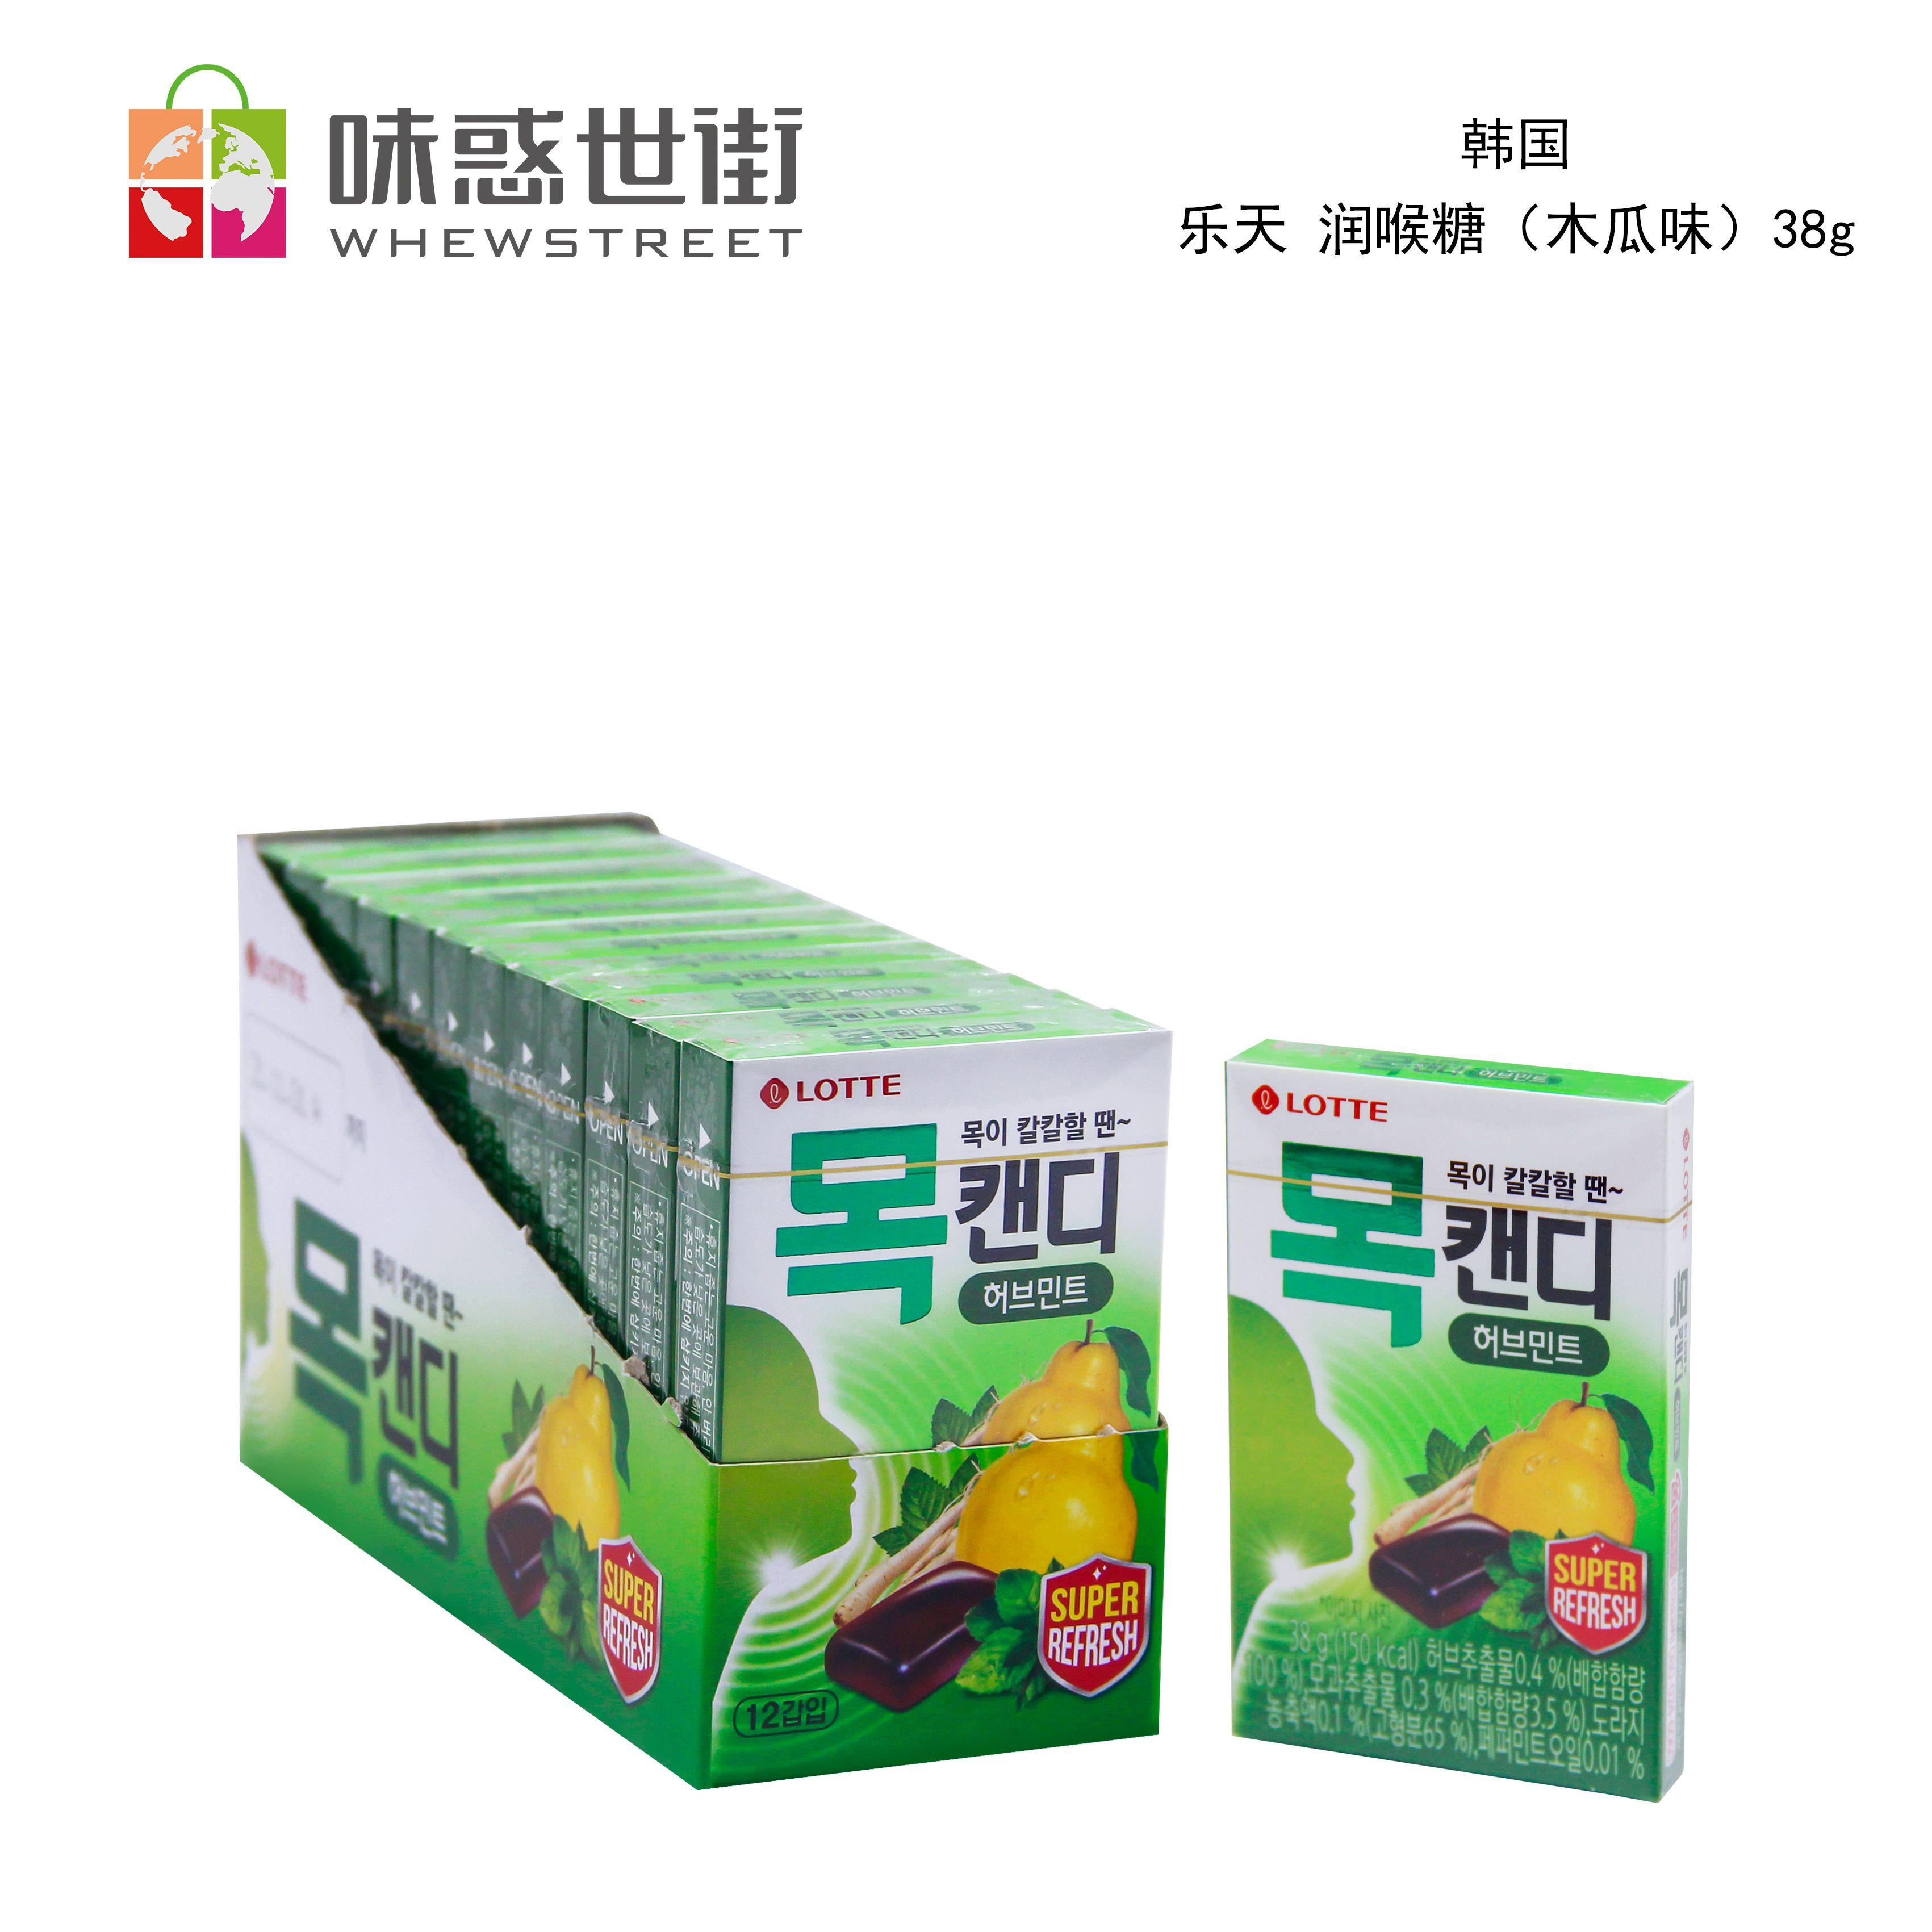 乐天 润喉糖(木瓜味)38g